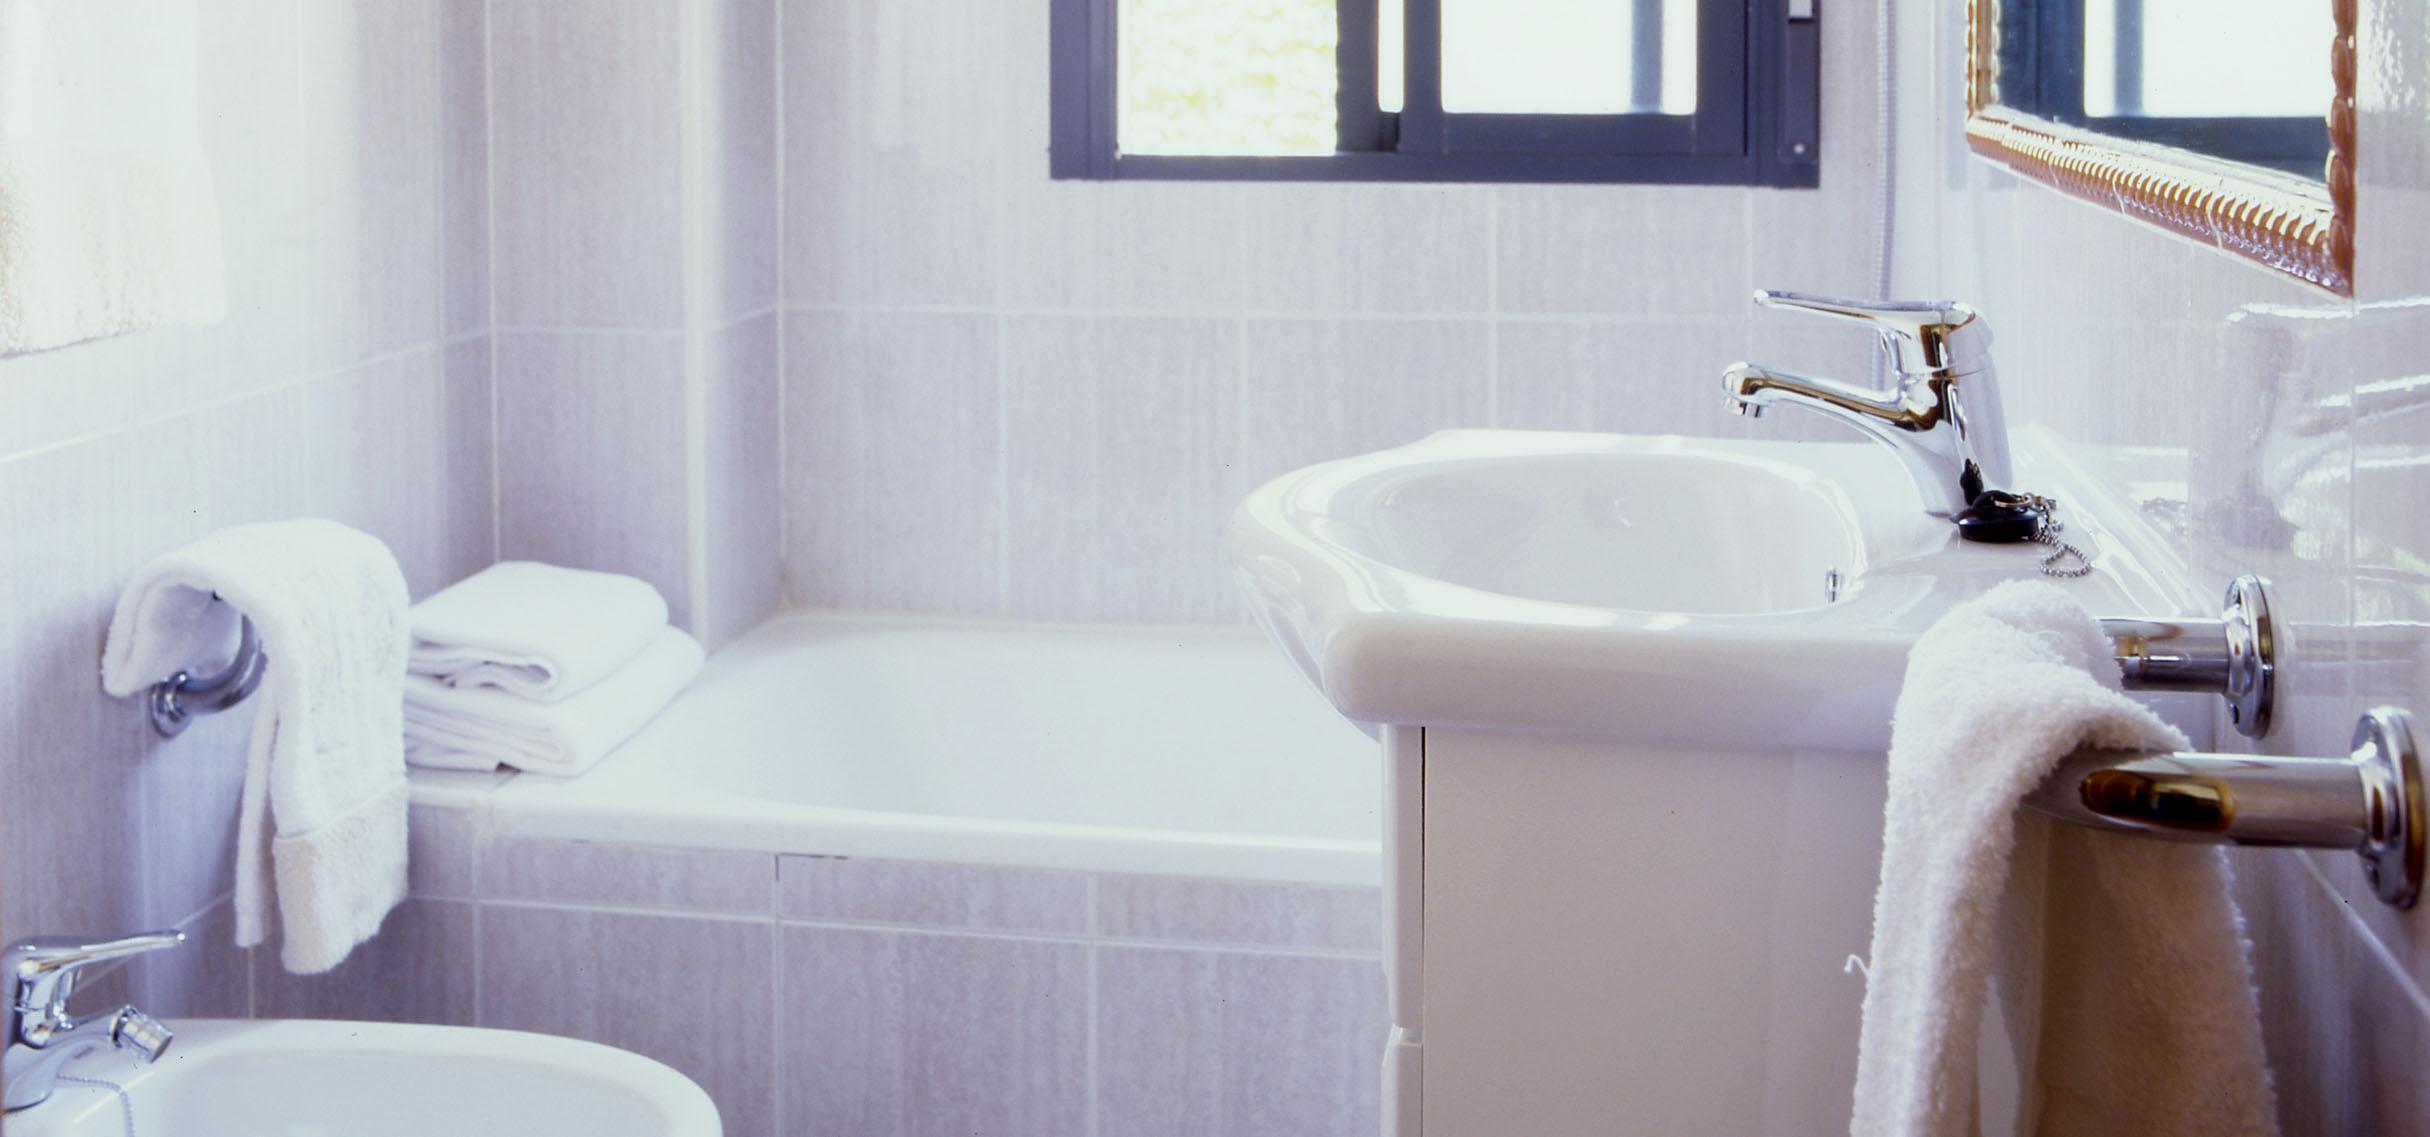 Pisos para ba o economicos - Alquiler de pisos baratos en majadahonda ...